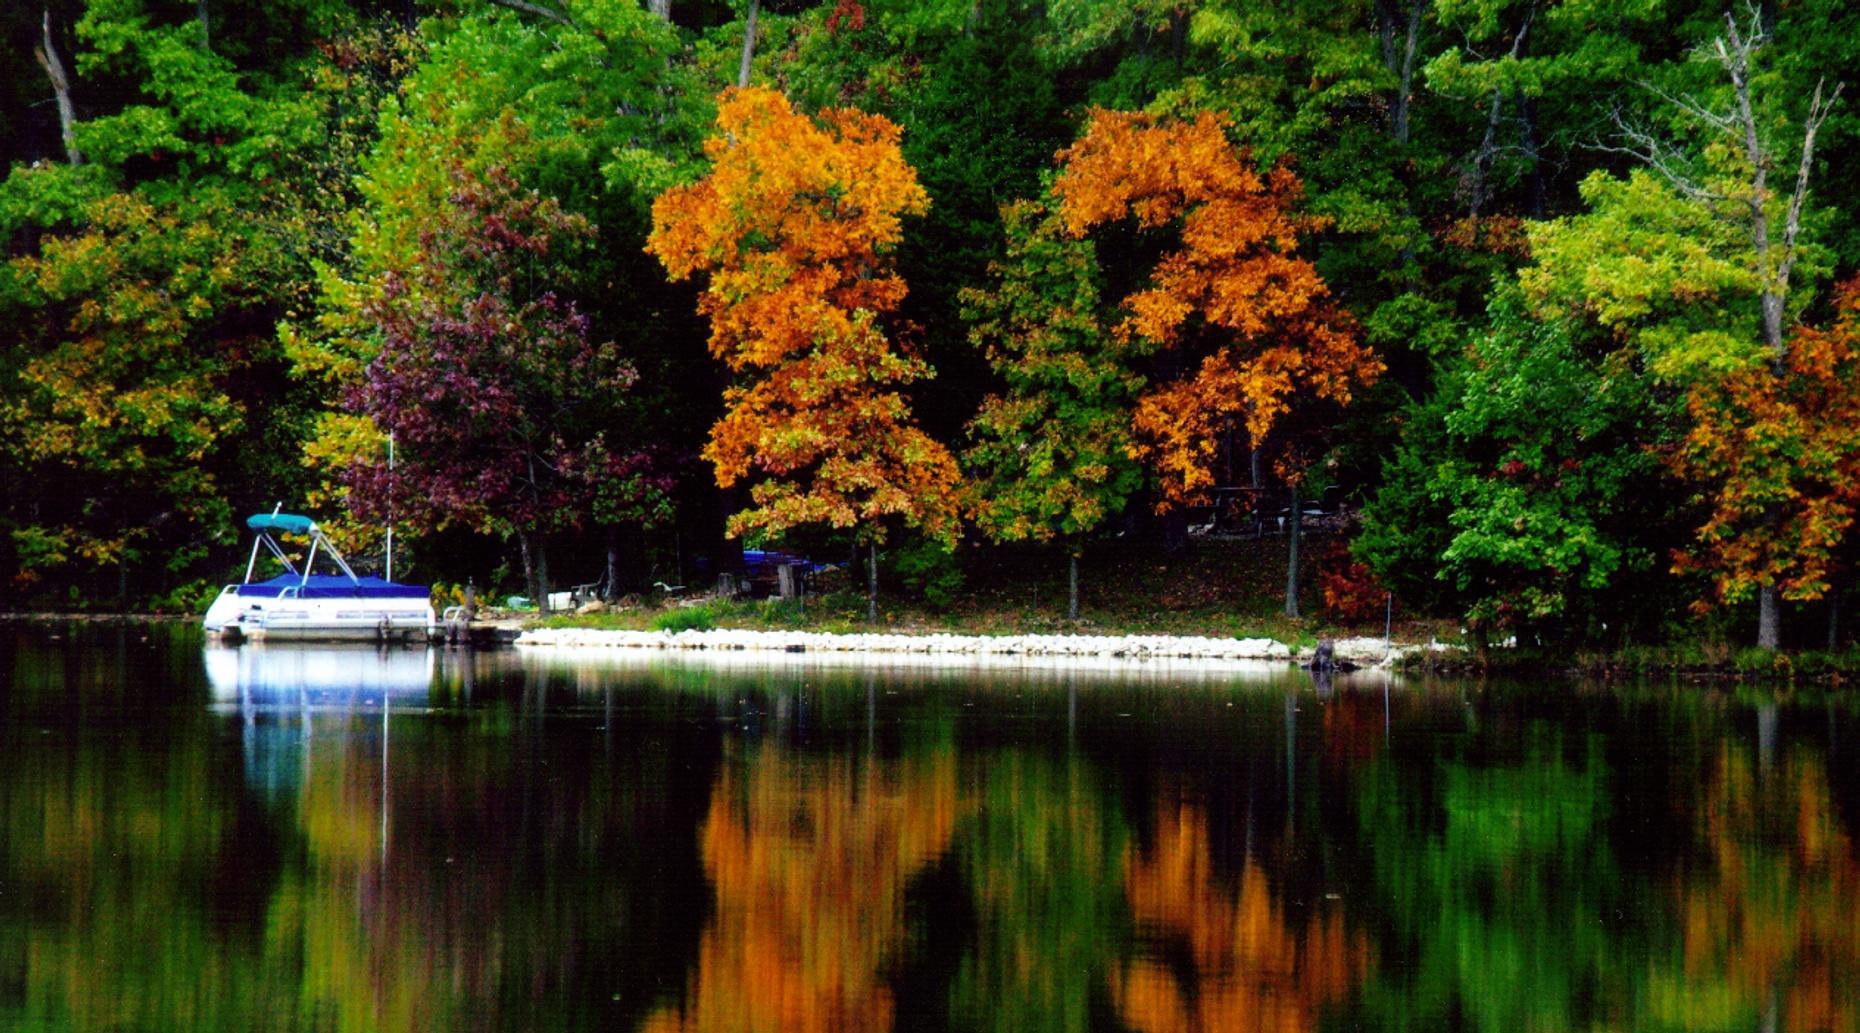 Full-Day 22' Pontoon Boat Rental in Oak Creek